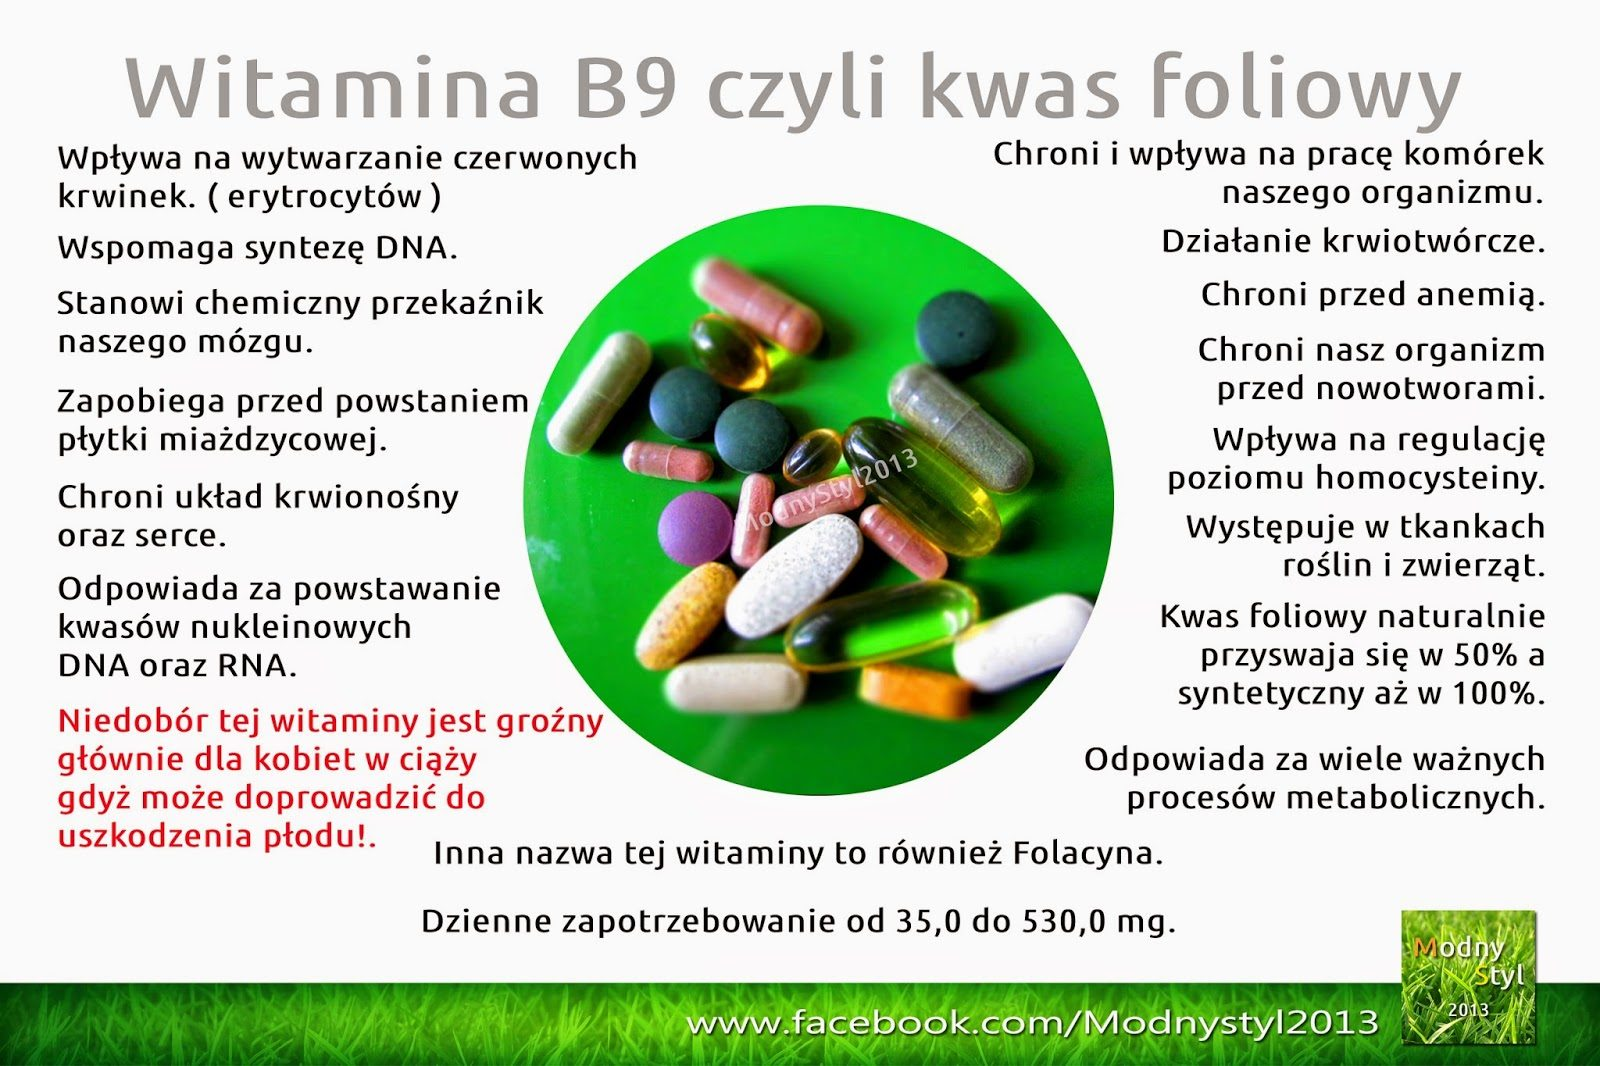 witamina2bb92bczyli2bkwas2bfoliowy-8746643